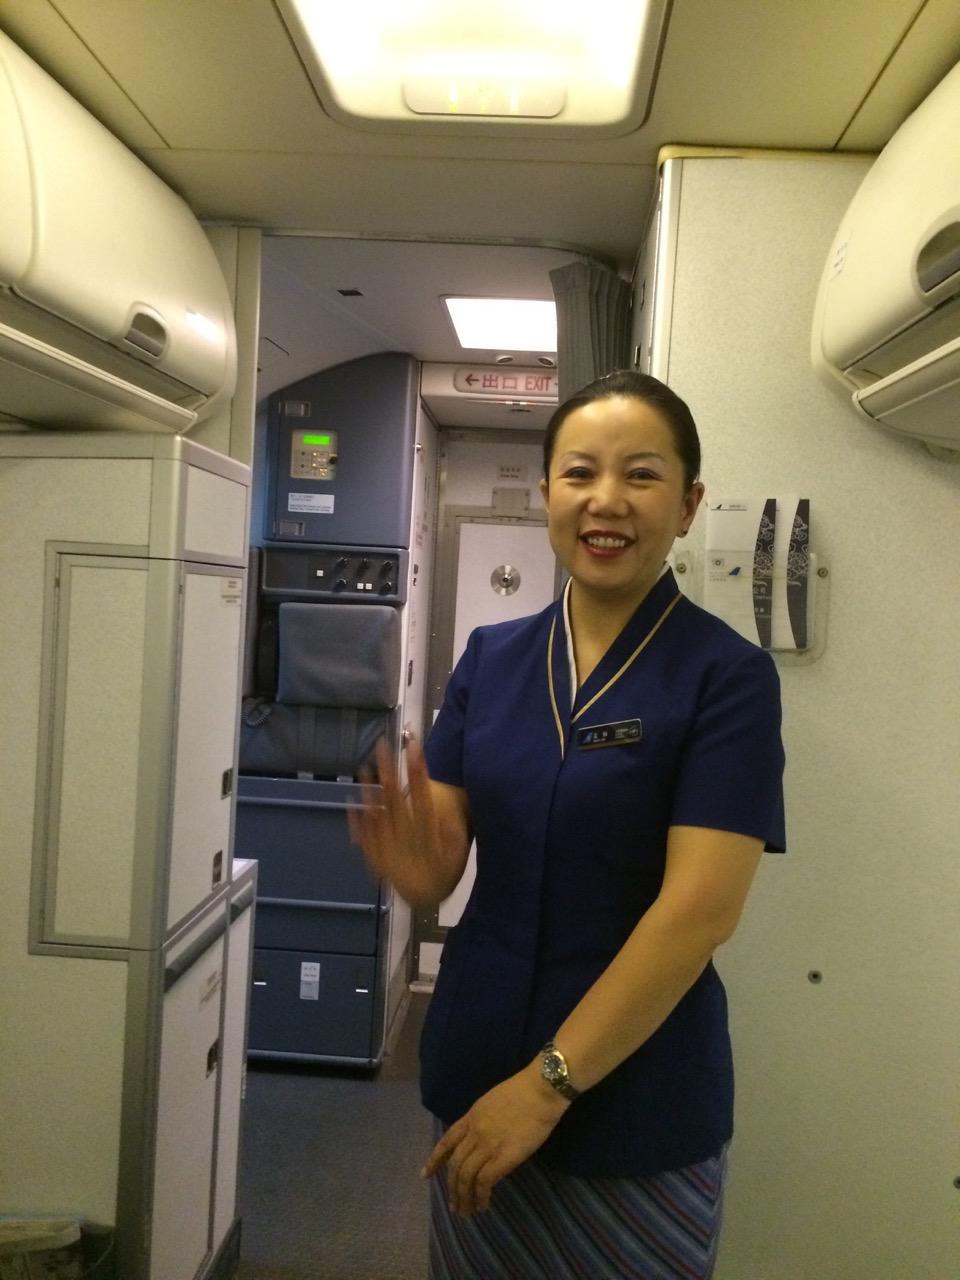 China Southern flight attendants are uberfriendly